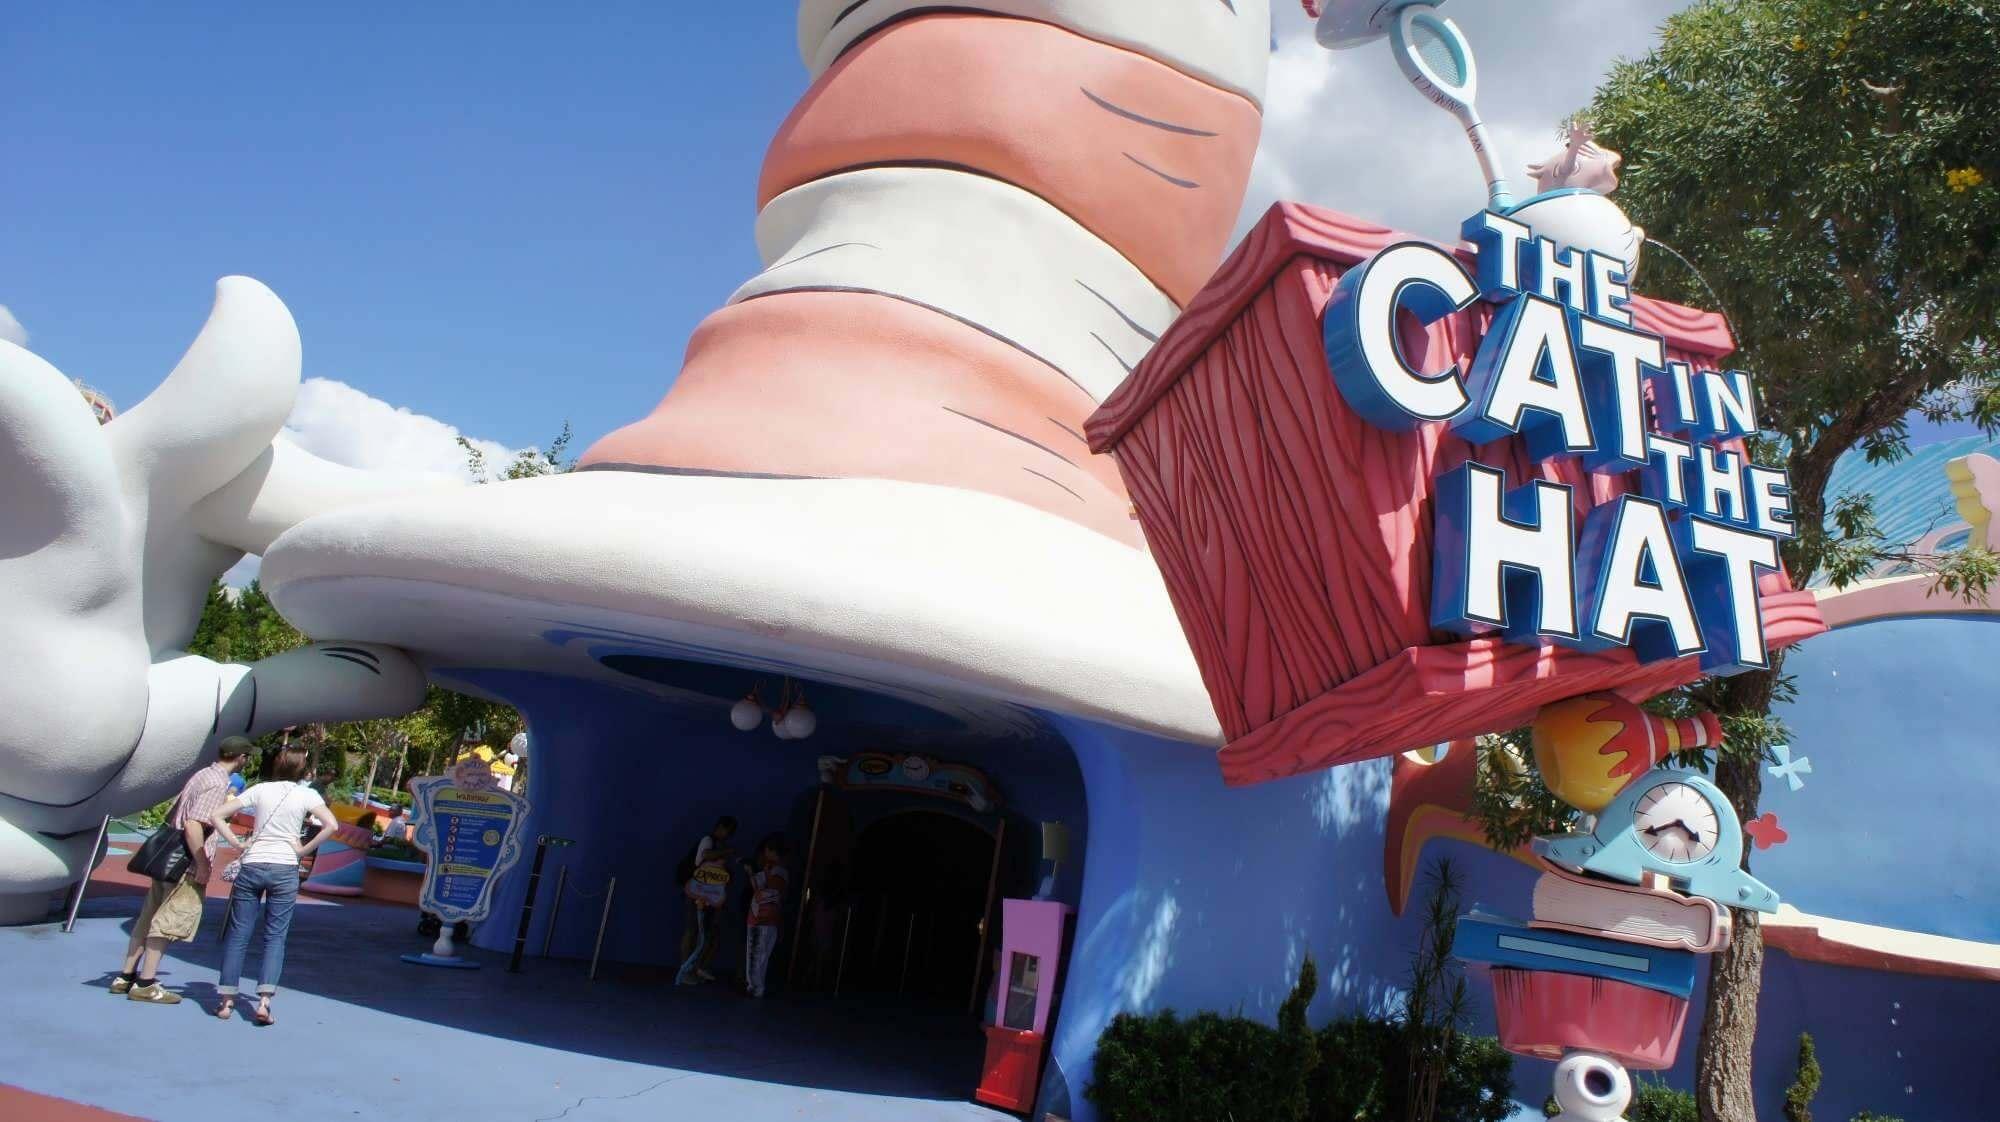 Parque Islands of Adventure Orlando: The Cat in the Hat